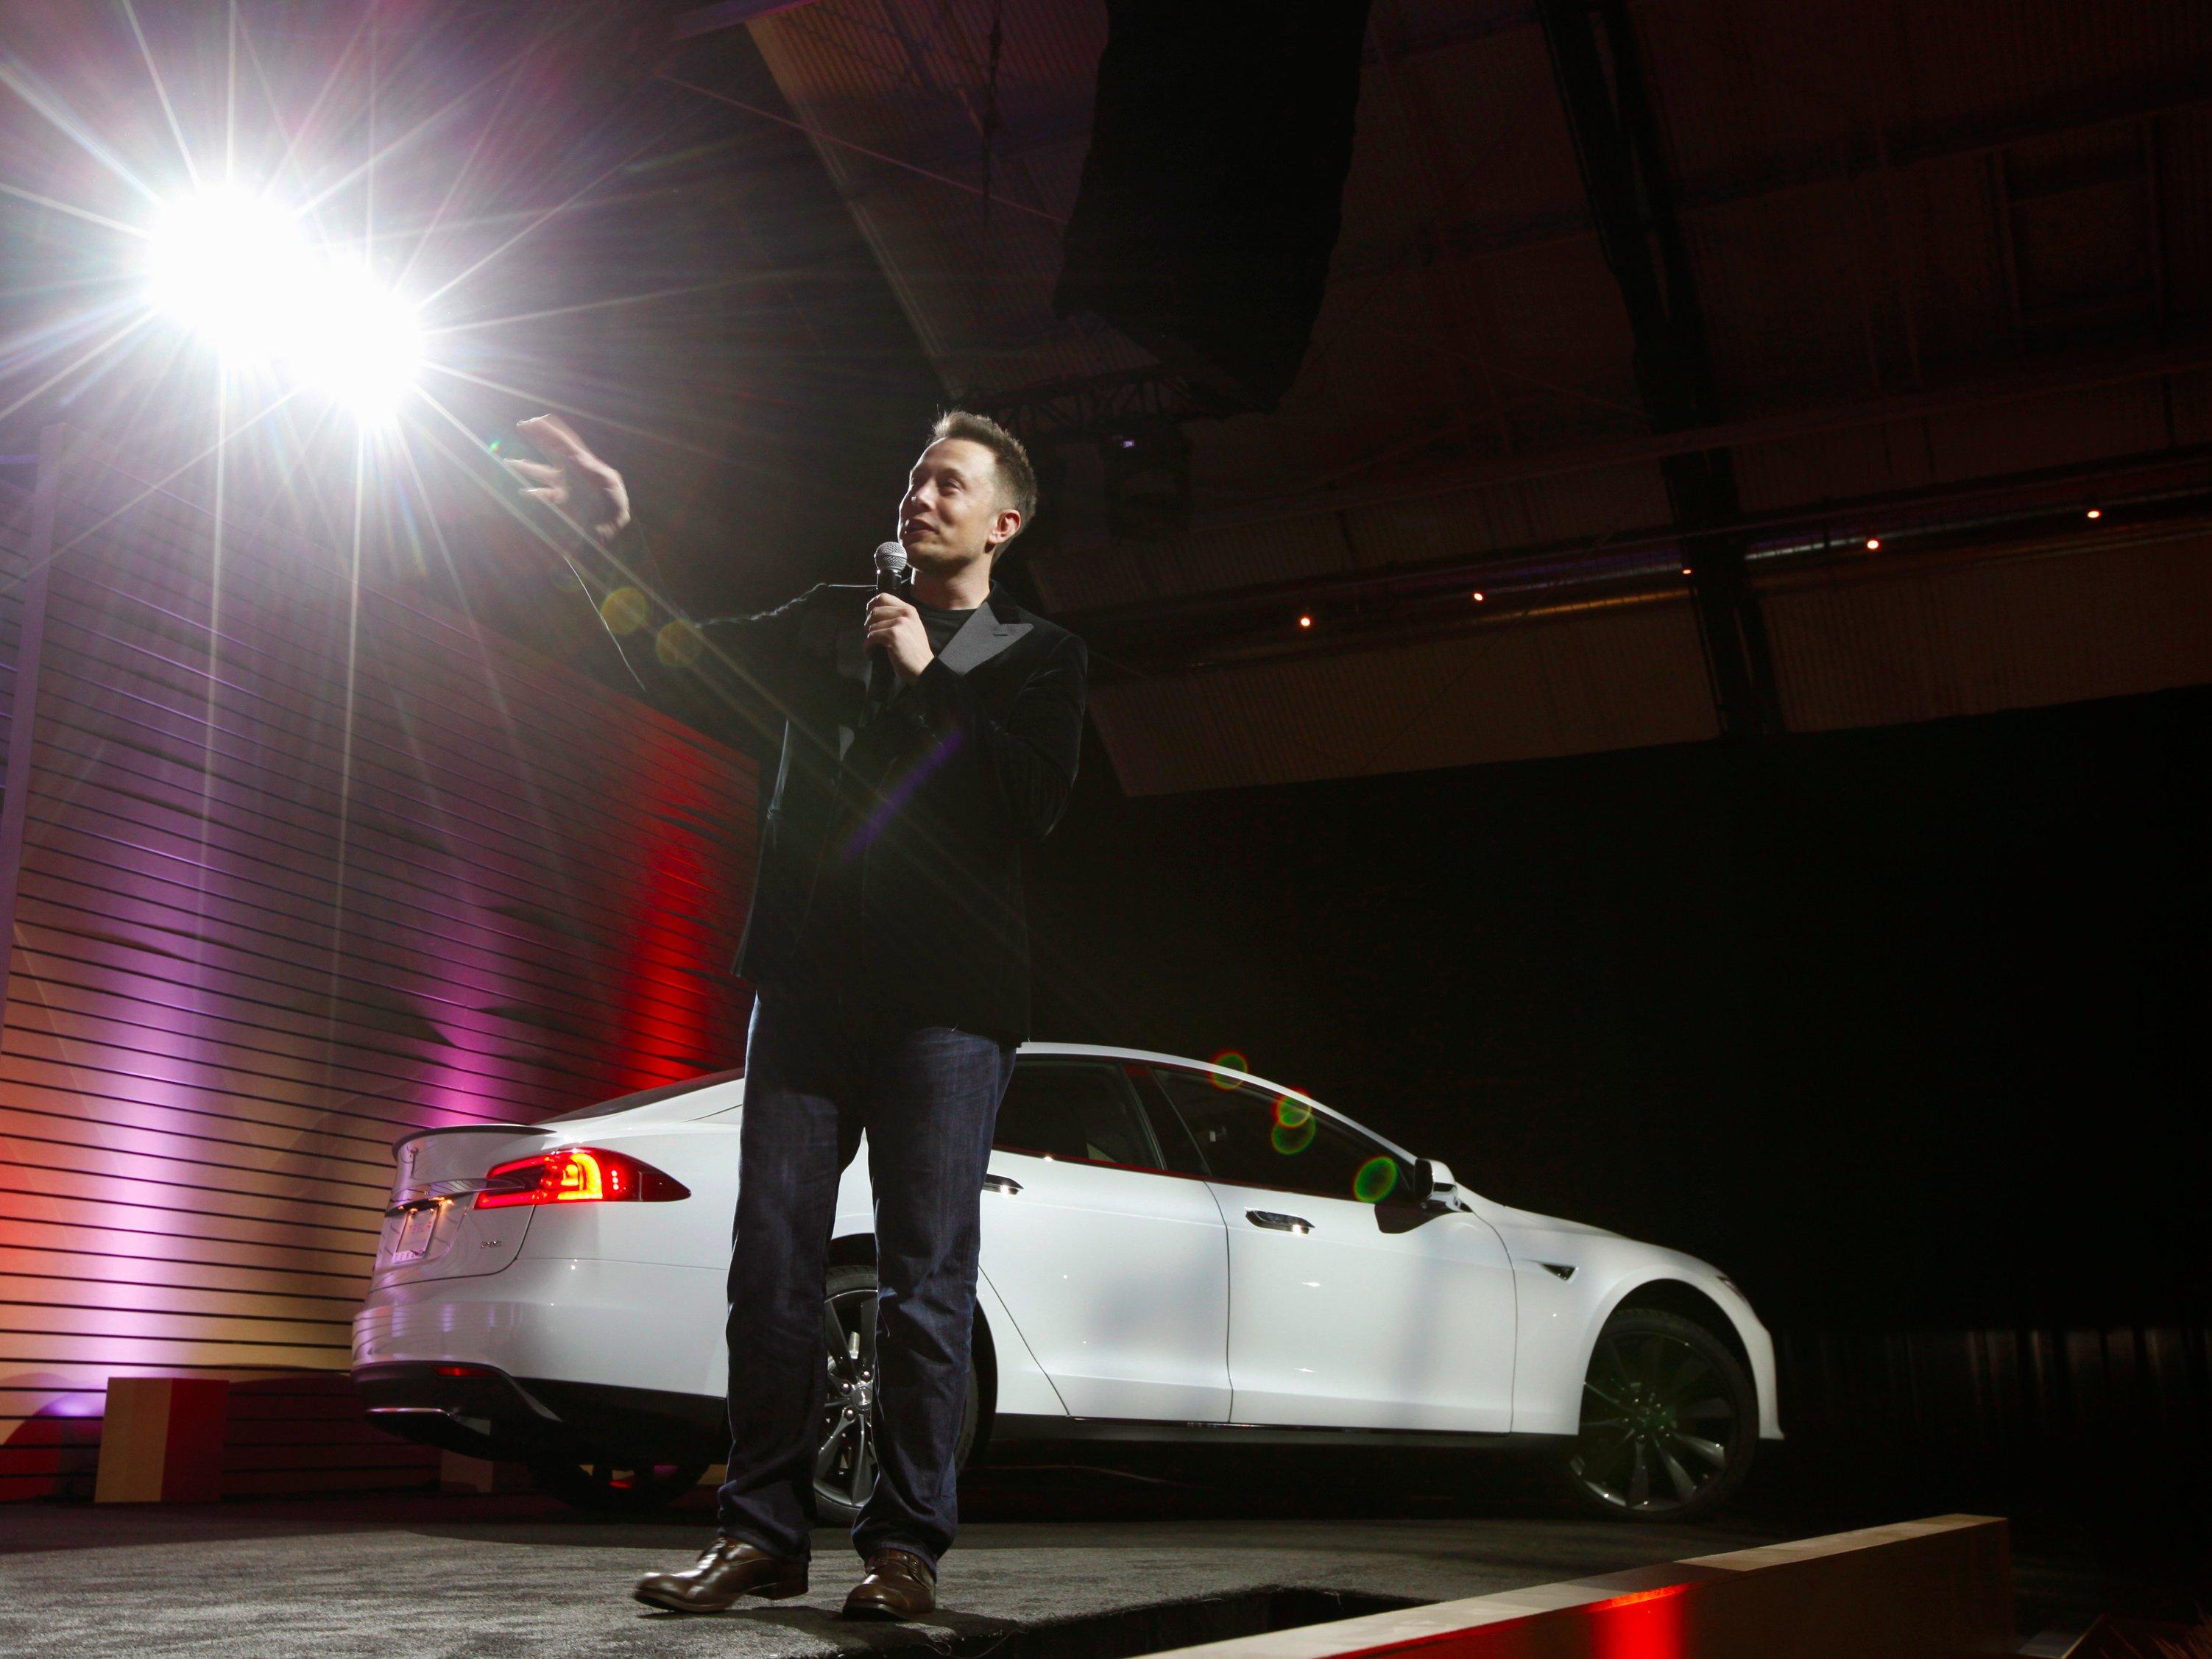 دعوت تسلا برای برگزاری رویداد رونمایی از خودروی جدید Model 3